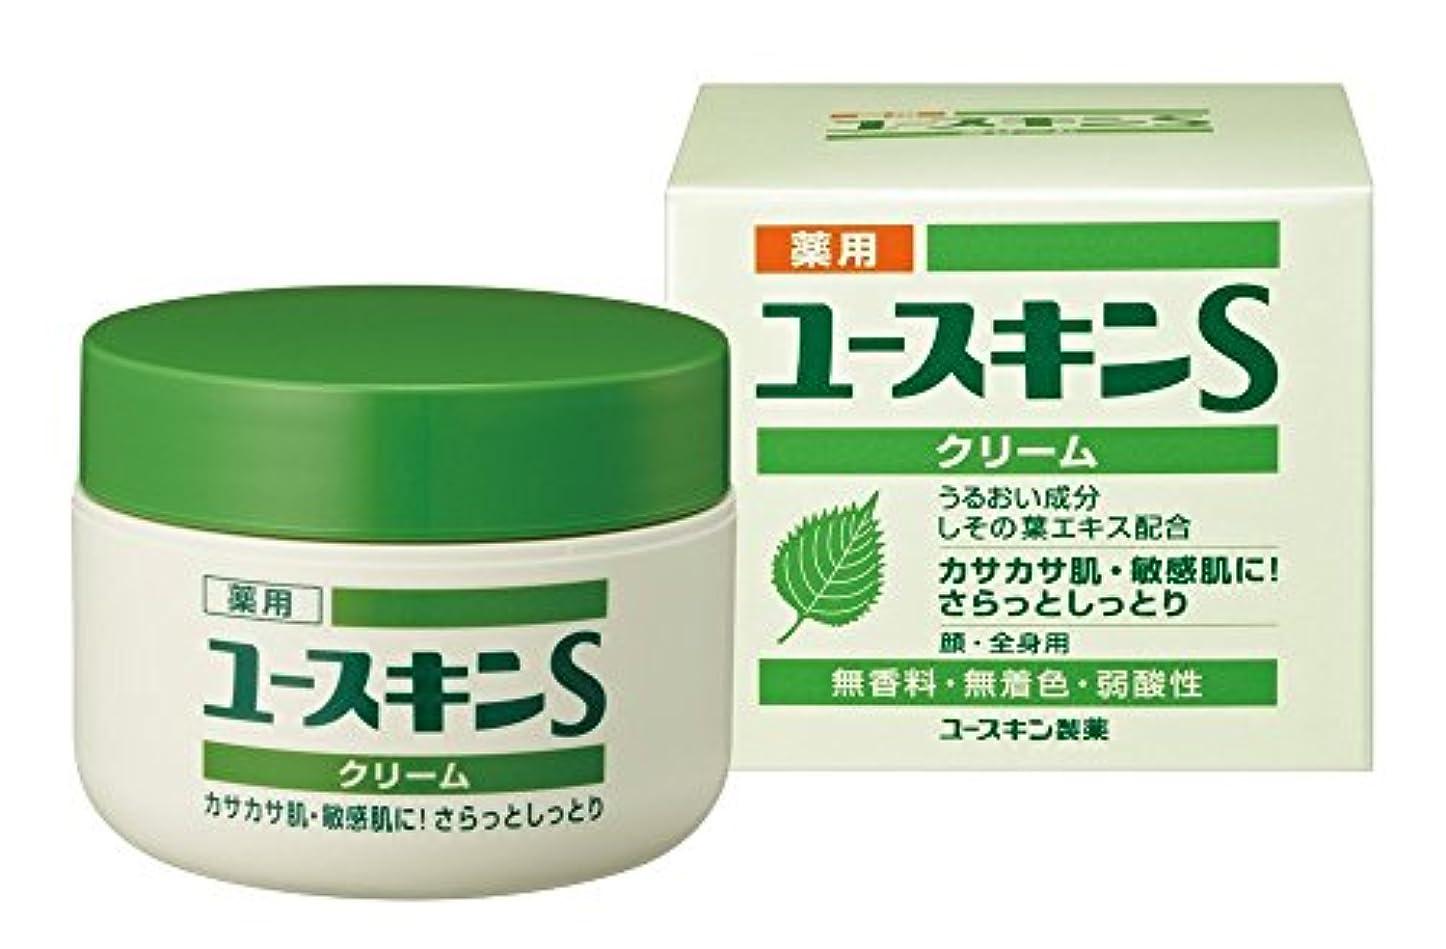 櫛泥だらけ床を掃除するユースキン製薬 薬用ユースキンSクリーム 70g(医薬部外品)